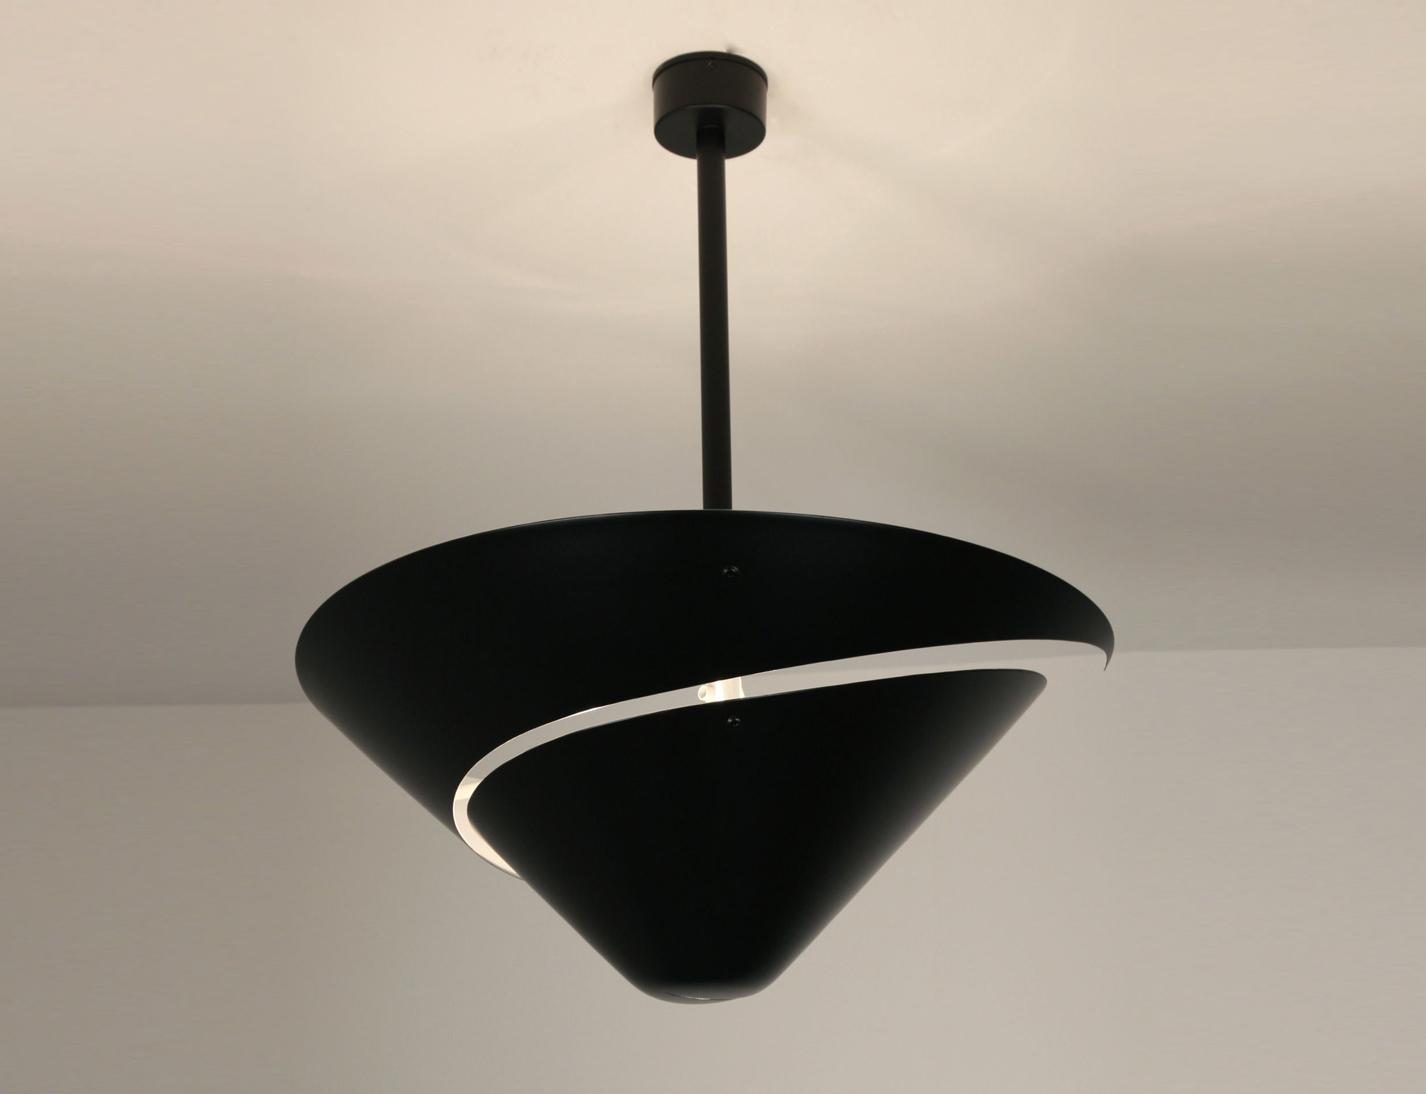 Lampe Escargot - Serge Mouille